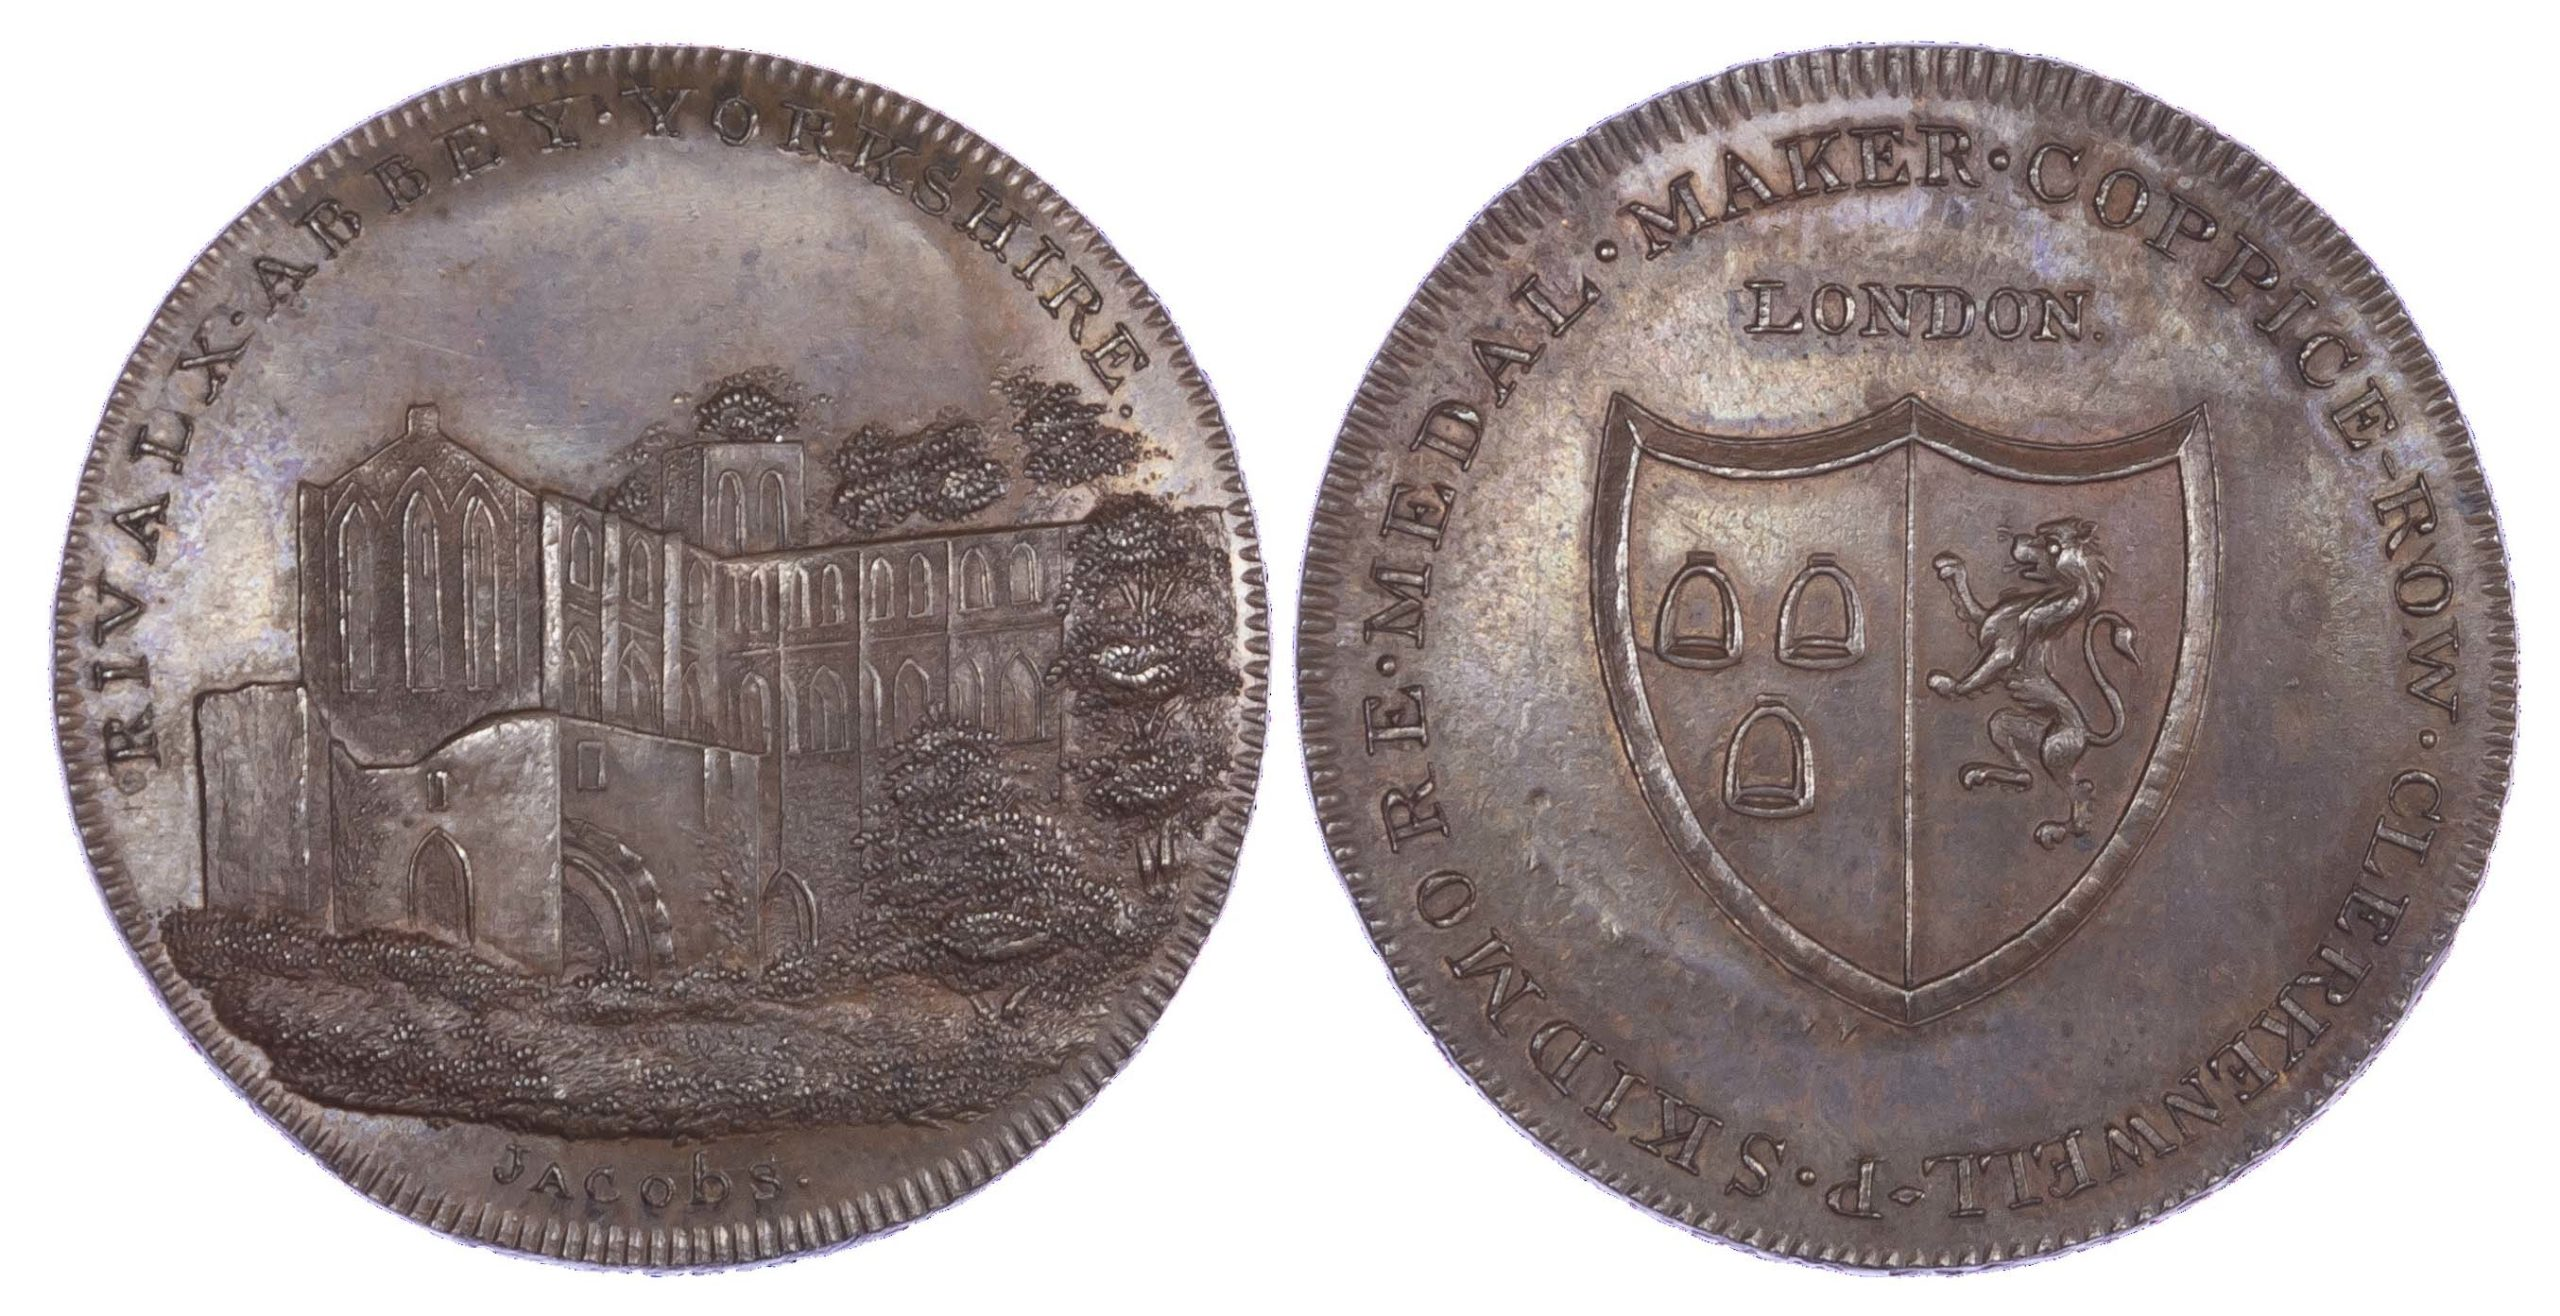 Yorkshire, RIVAULX, Skidmore's Clerkenwell series, AE Penny